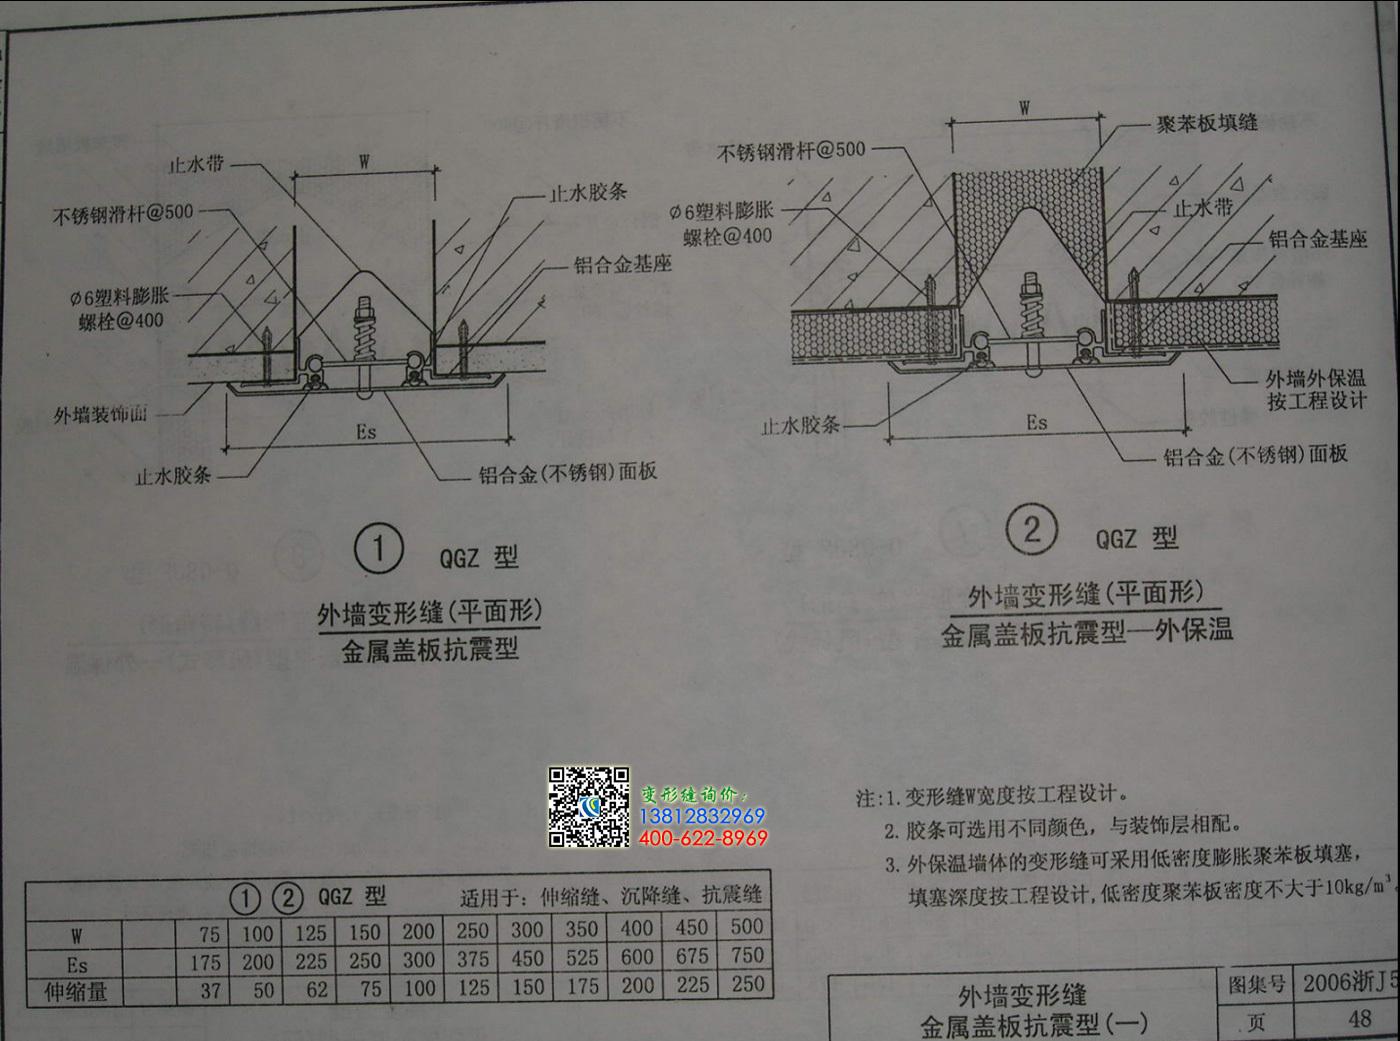 2006浙j55变形缝图集第48页